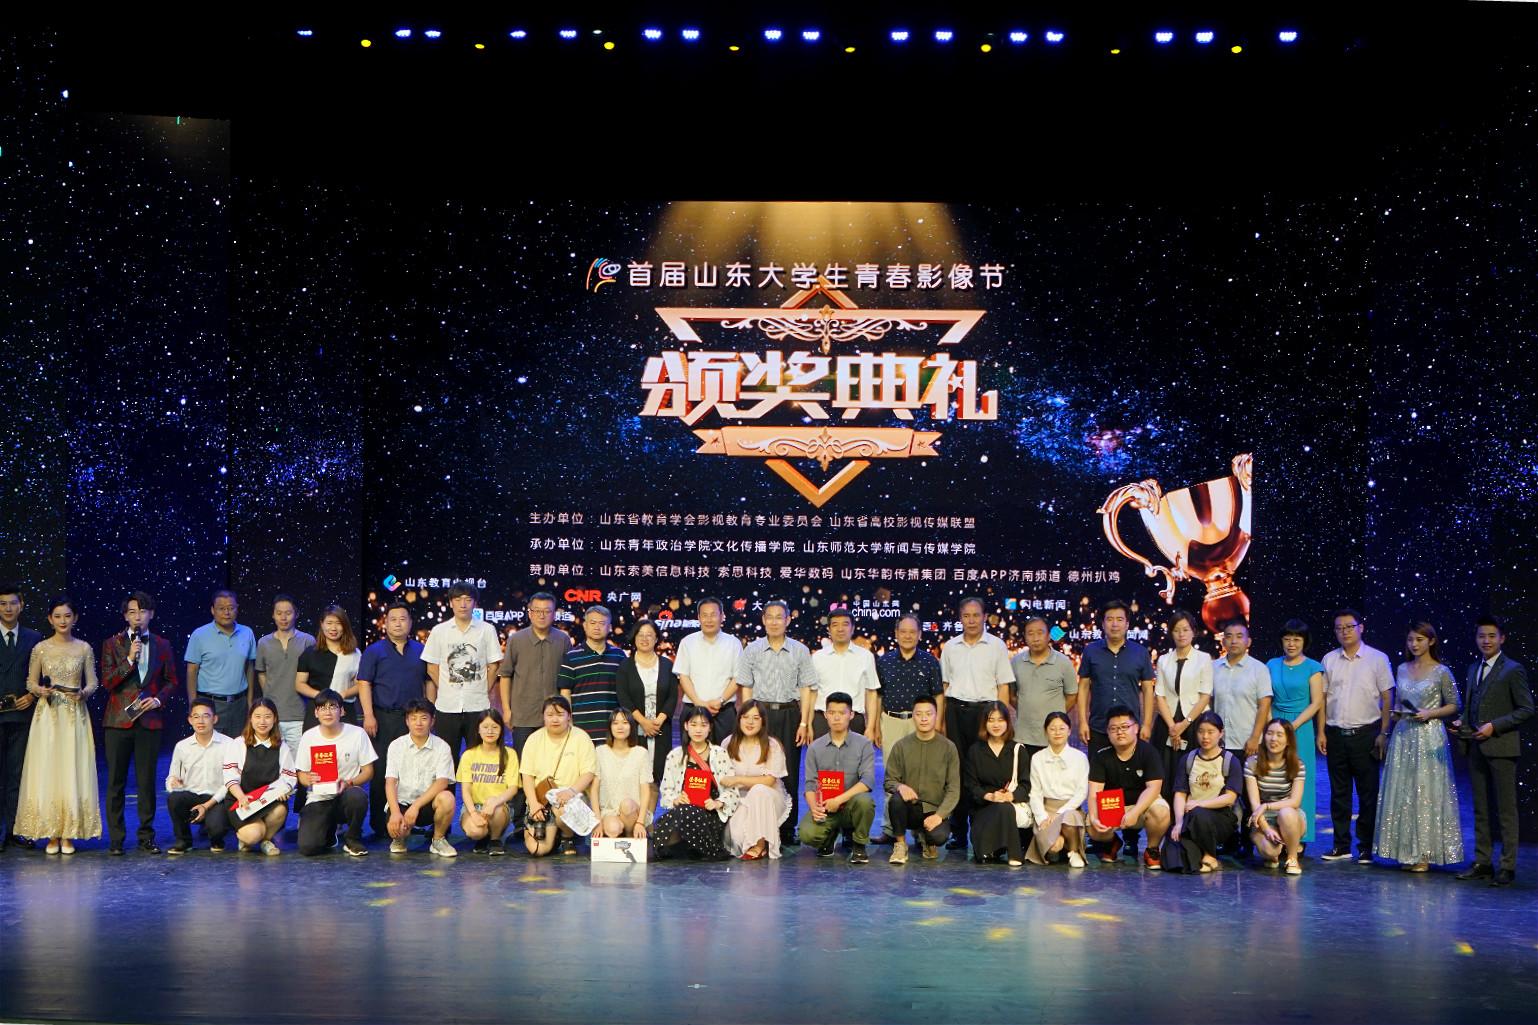 首届山东大学生青春影像节山青院成功举行